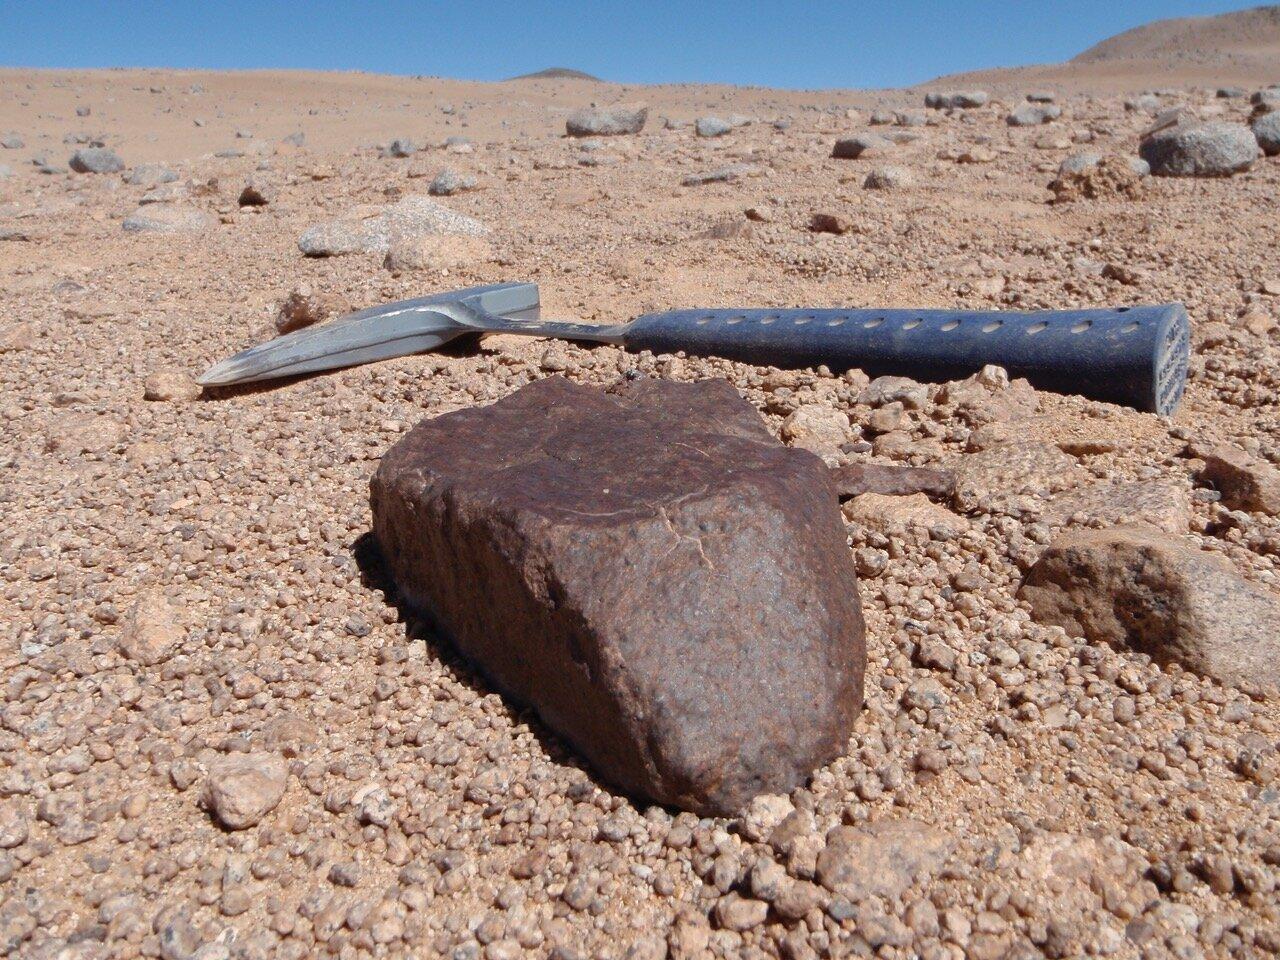 Безводная Атакама миллионы лет сохраняла метеориты практически в неизменном виде.